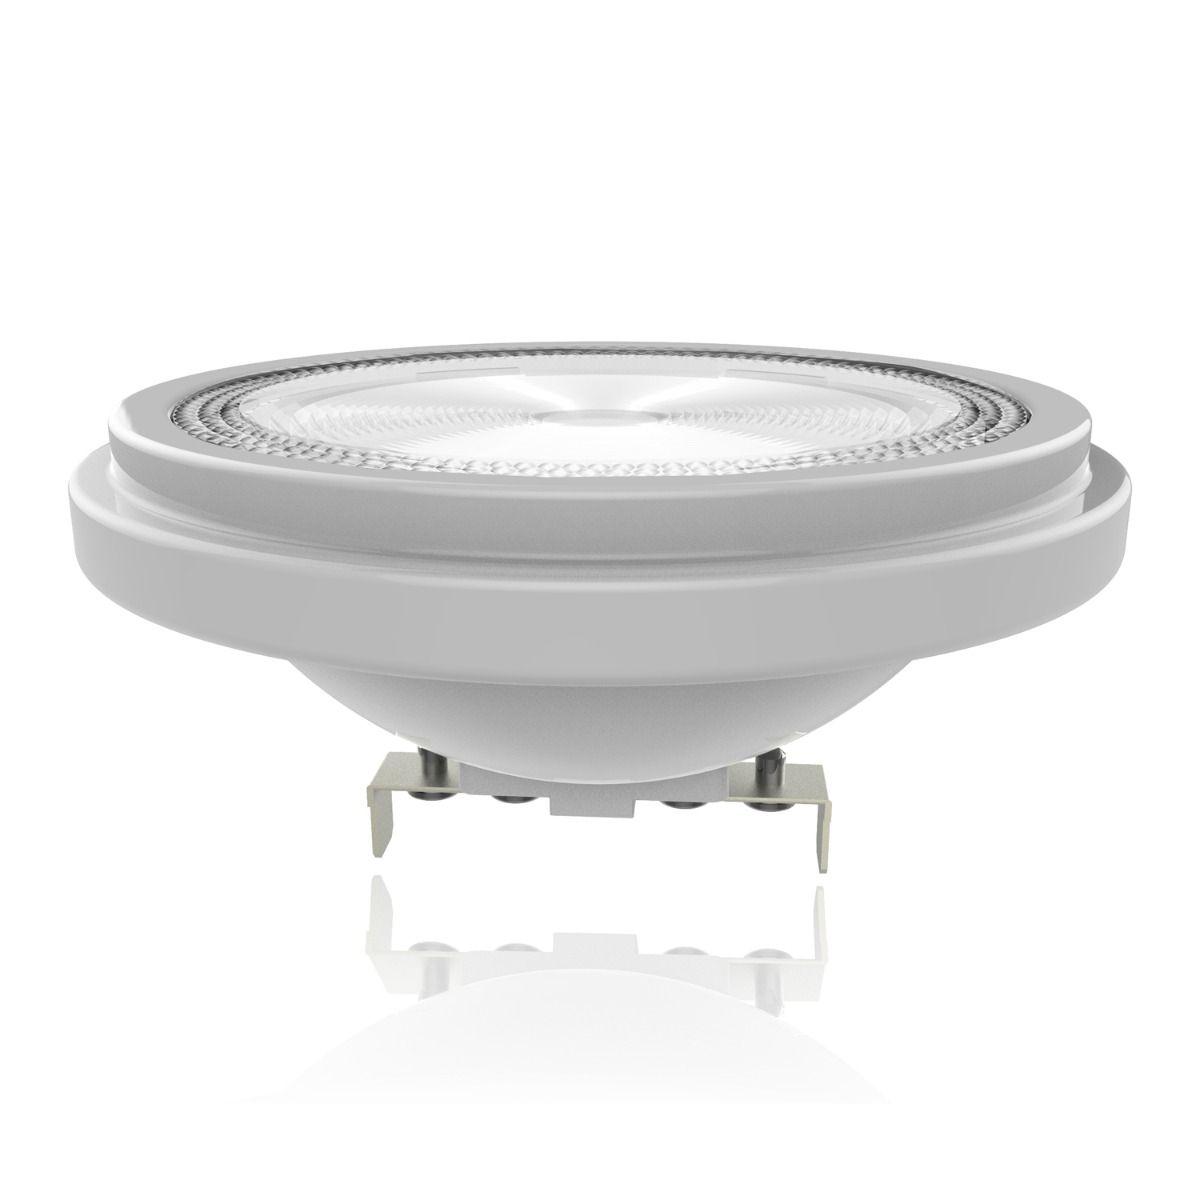 Noxion Lucent Spot LED AR111 G53 12V 11.5W 930 40D   Dimmable - Meilleur rendu des couleurs - Substitut 75W